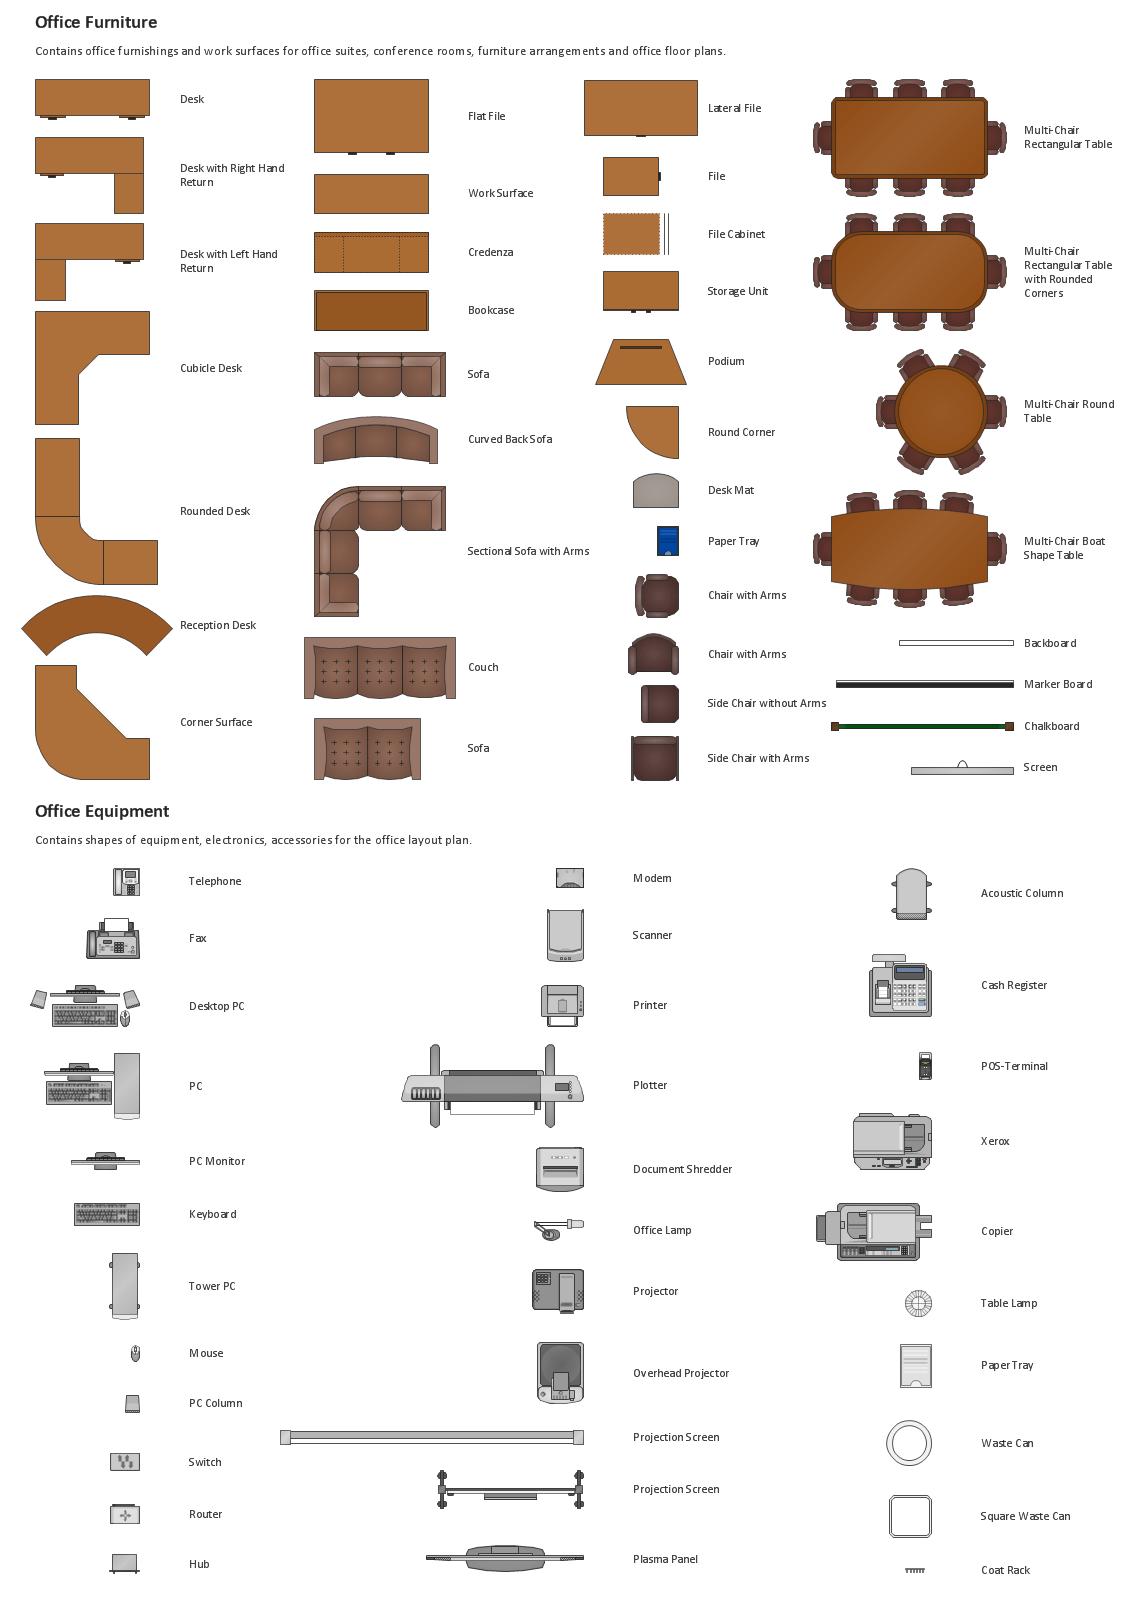 Furniture Plan View